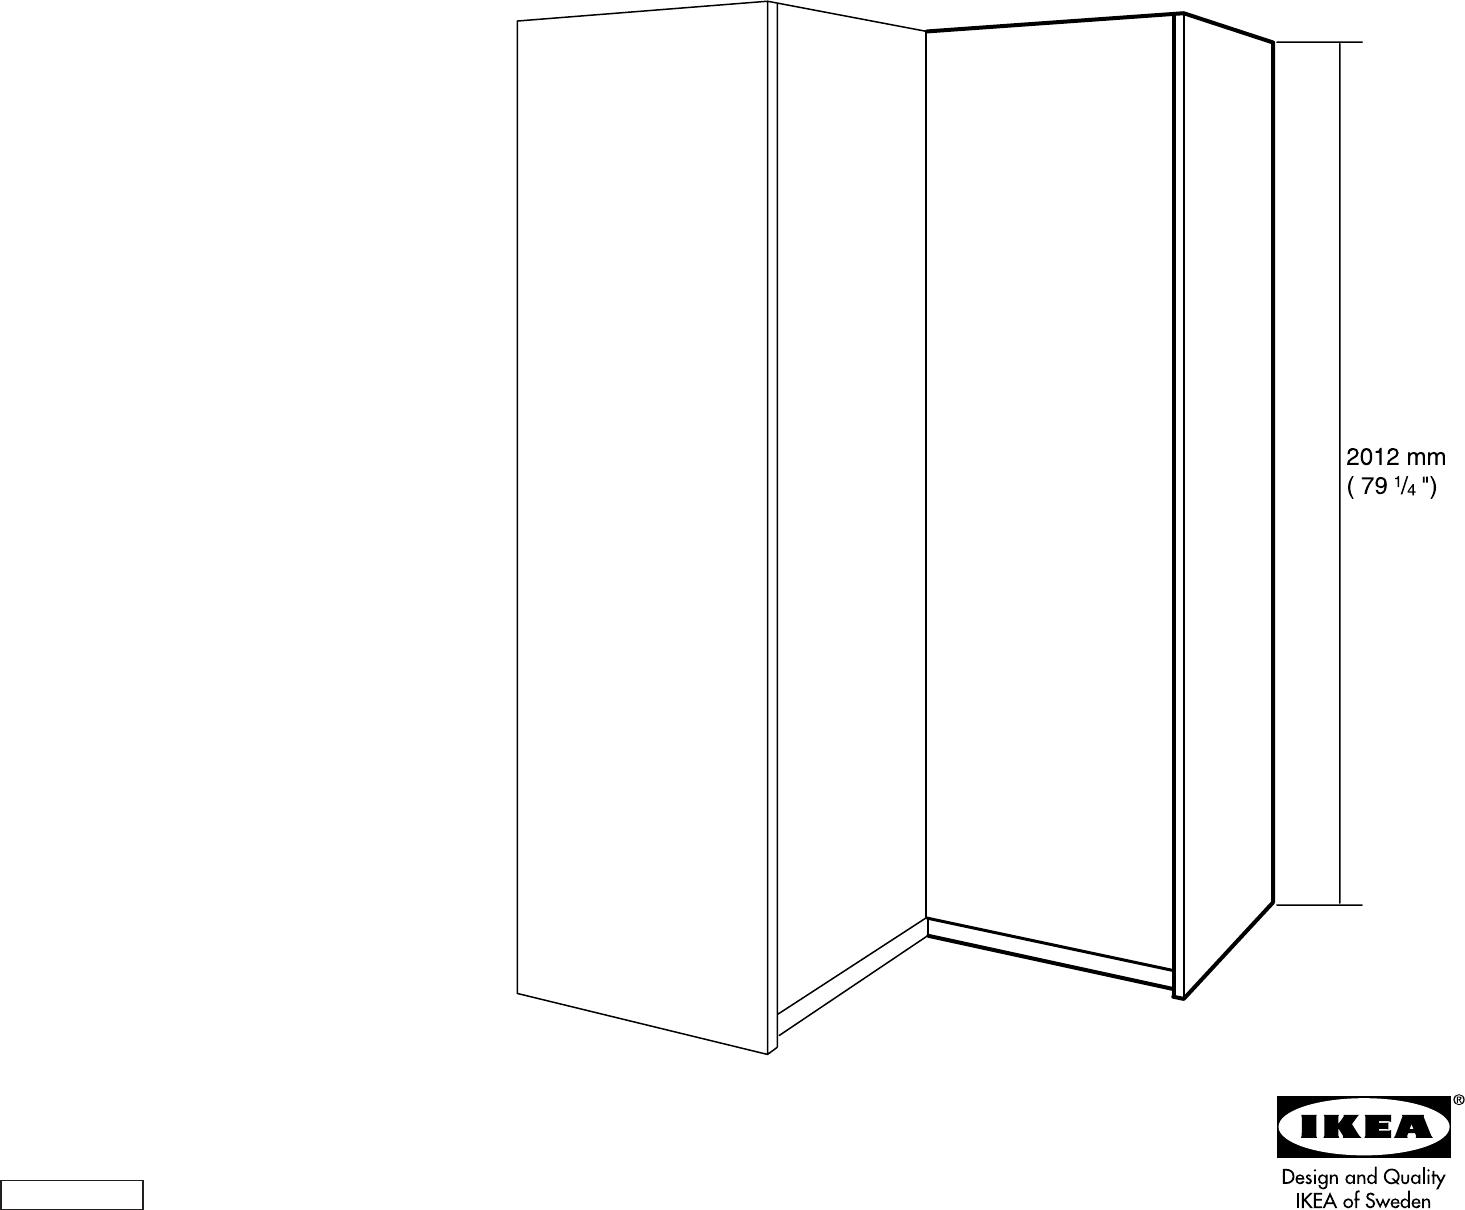 Handleiding Ikea Pax Hoekkast Pagina 1 Van 18 Dansk Deutsch